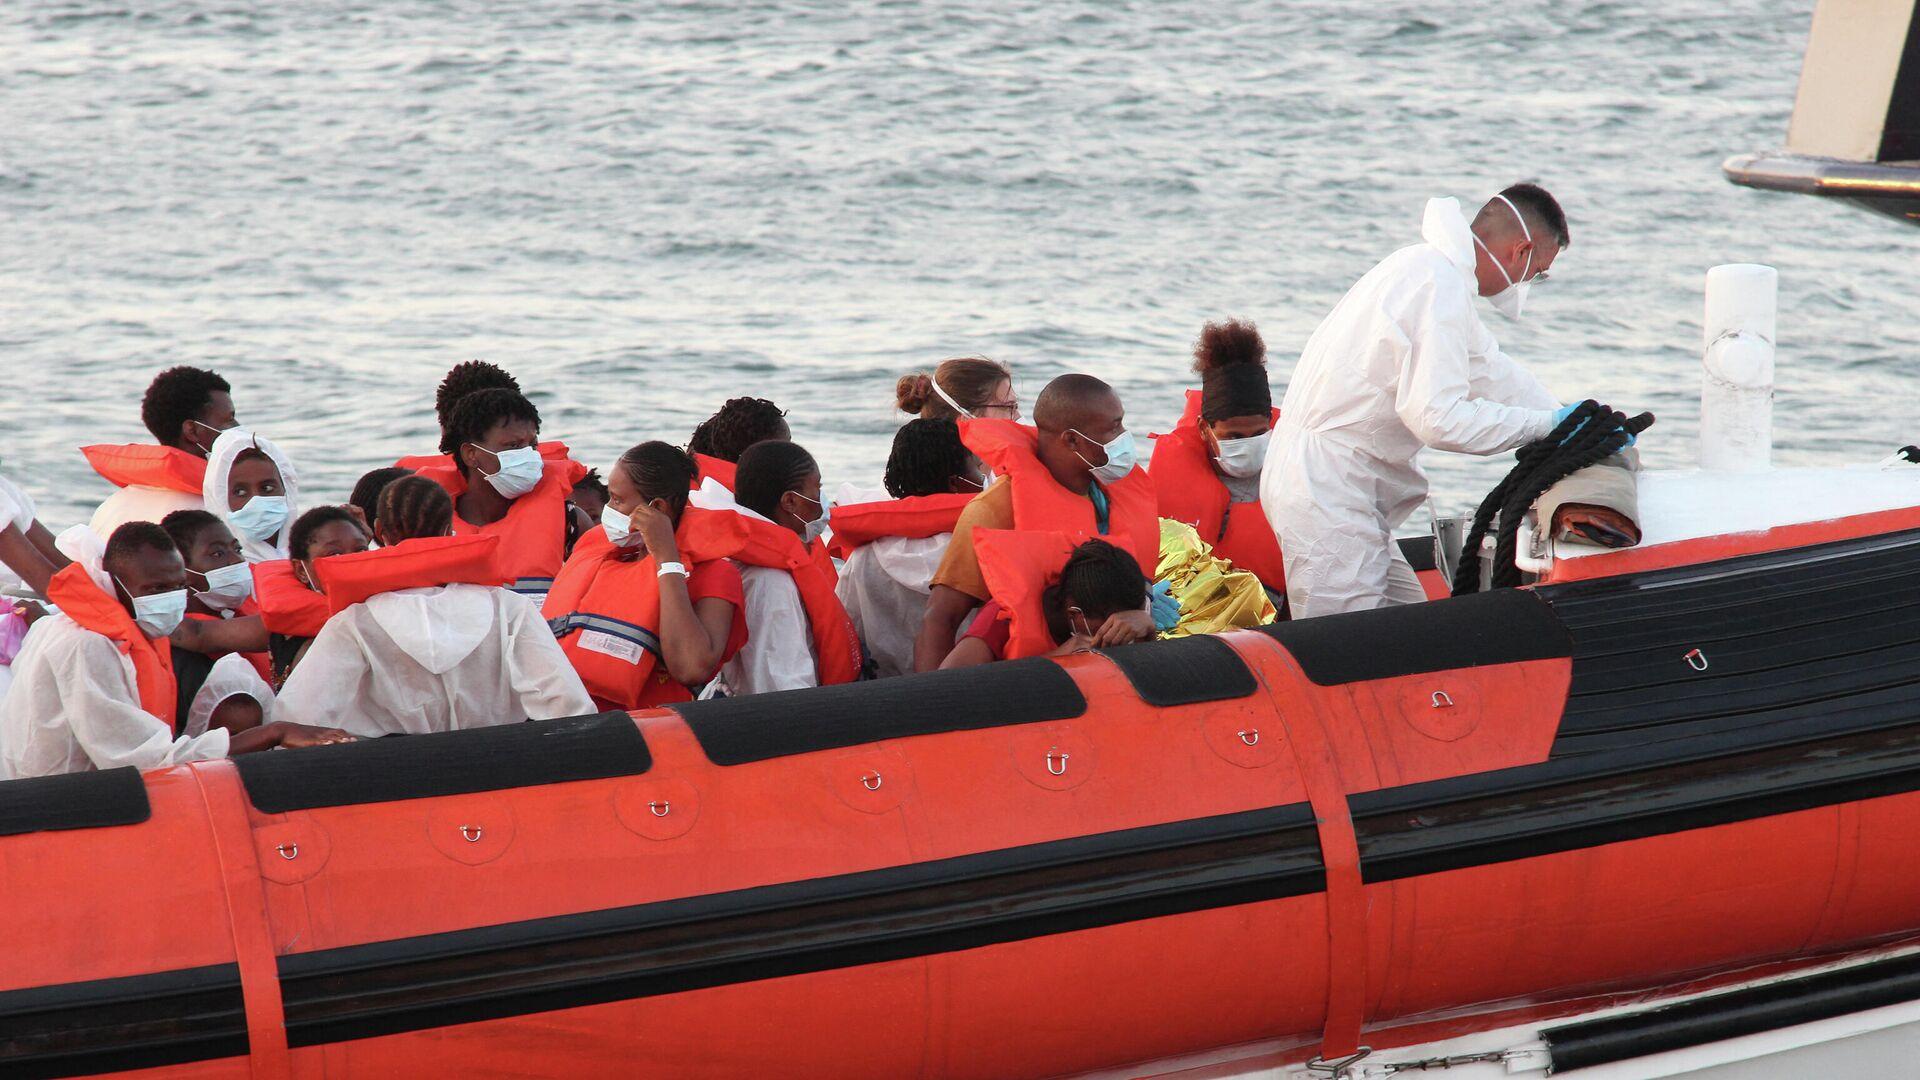 Gerettete Migranten in einem Boot (Archivbild) - SNA, 1920, 05.07.2021